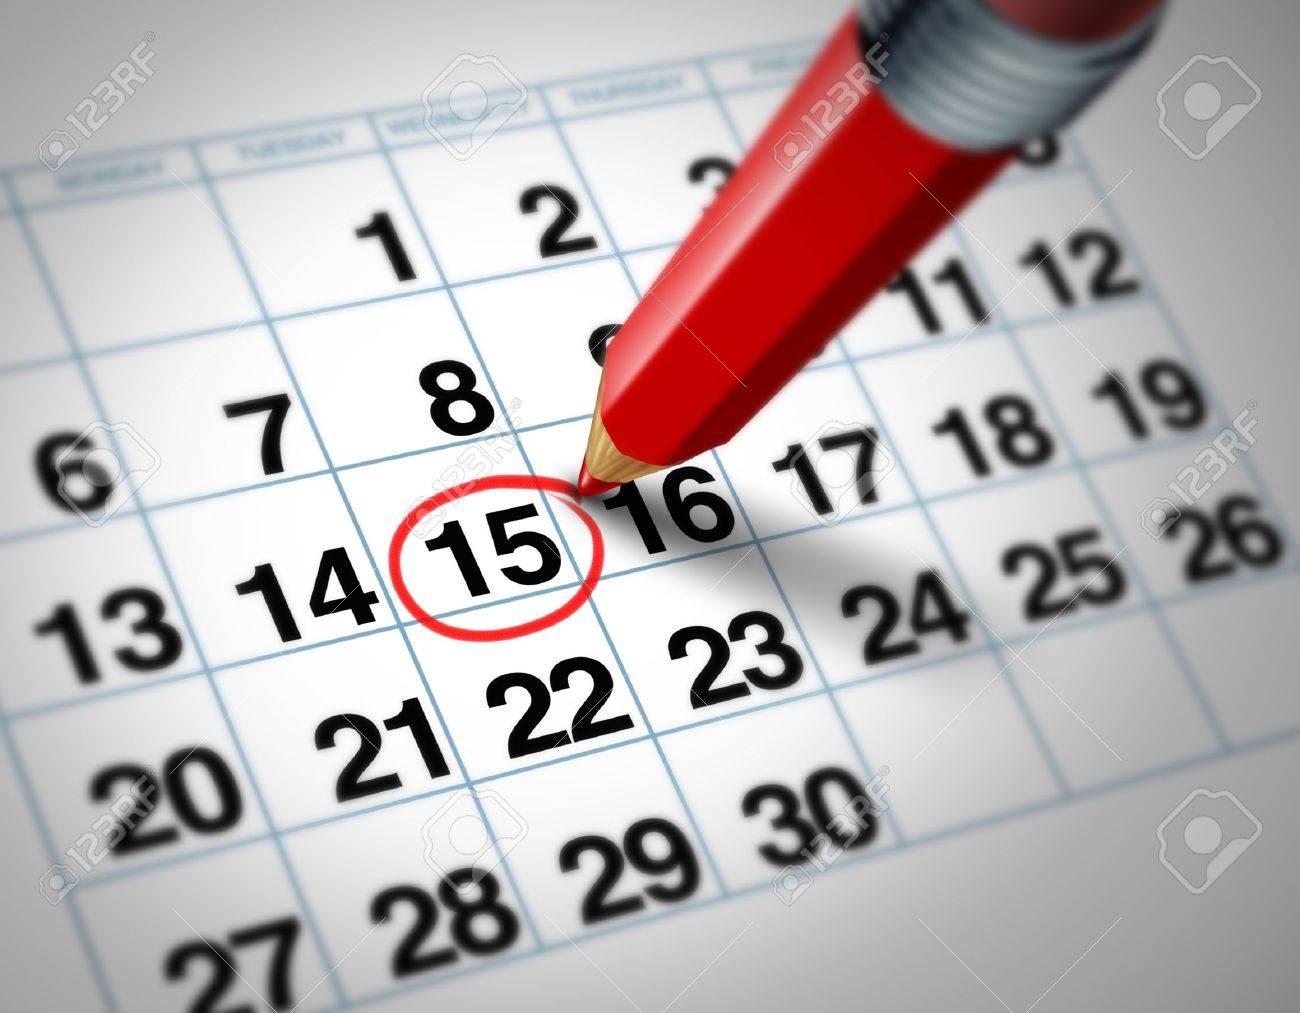 Calendrier Definition.Definition D Une Date Importante Sur Un Calendrier Avec Un Crayon Rouge Marquant Un Jour Du Mois Qui Represente Le Temps D Organisation Et De